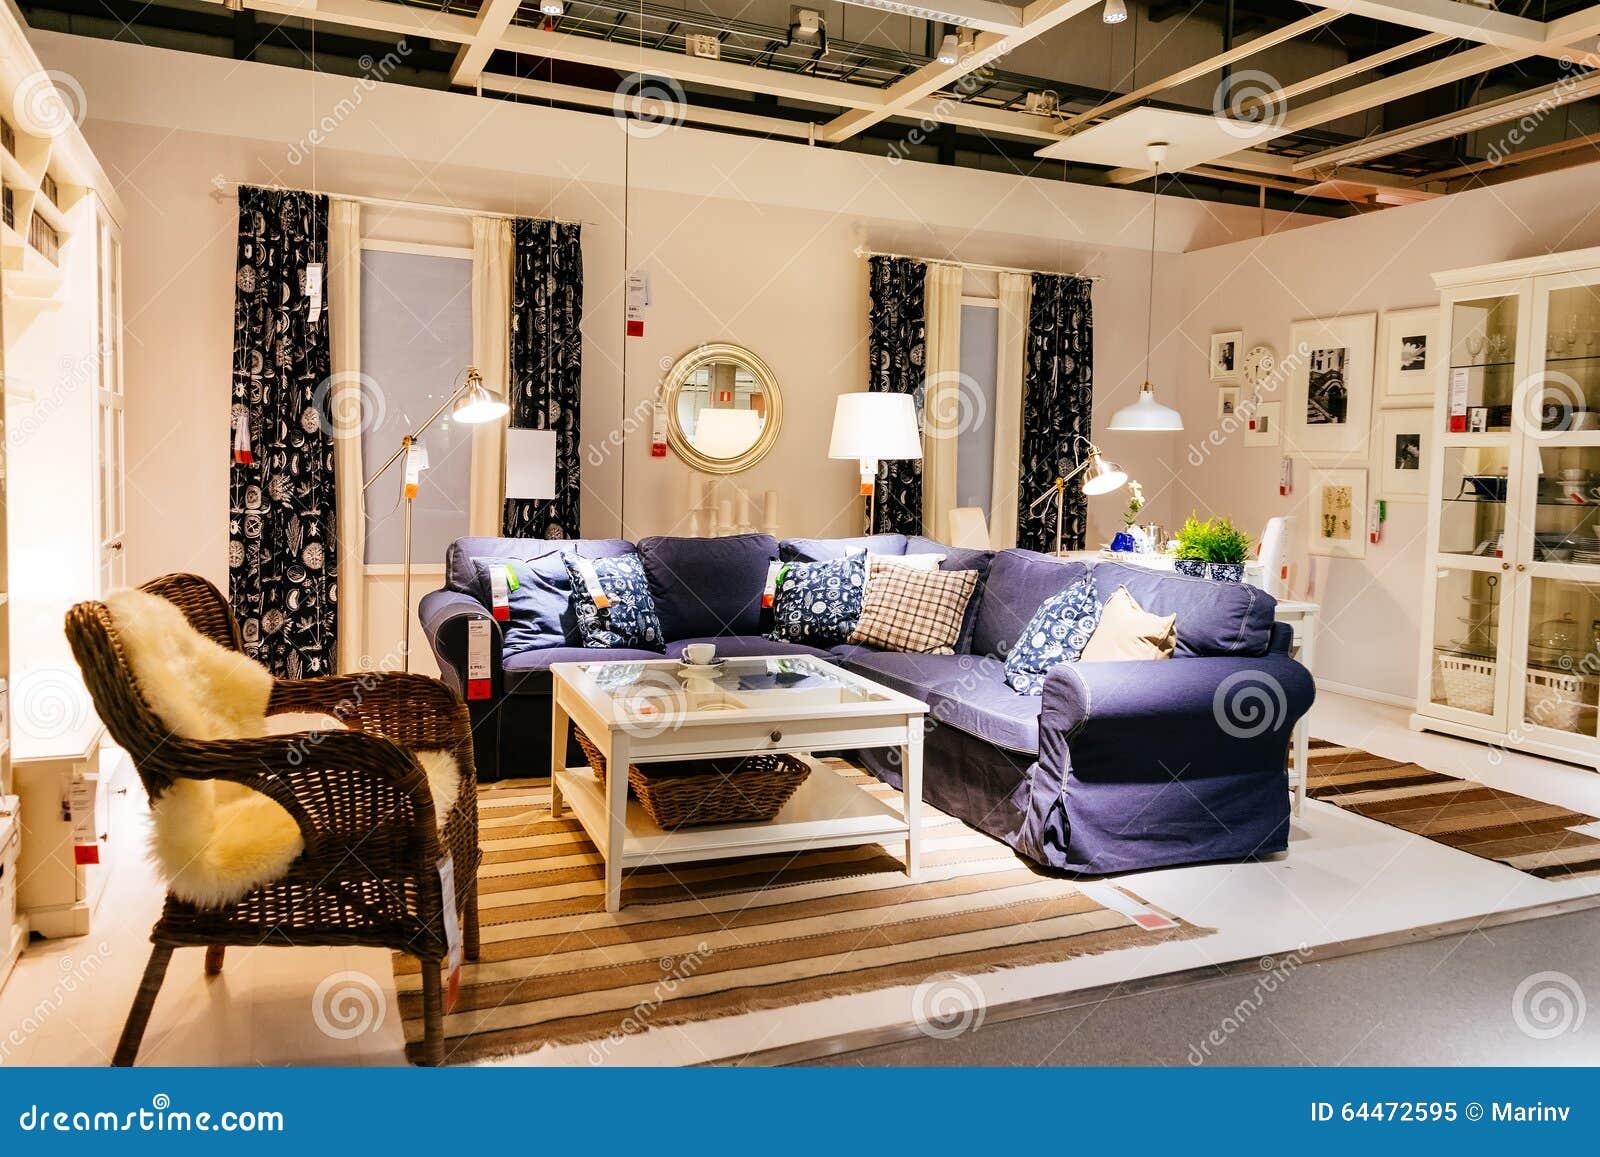 Construire Son Ilot Central ~ Best Ikea Interieur Ideas Trend Ideas 2018 Localcateringblog Com